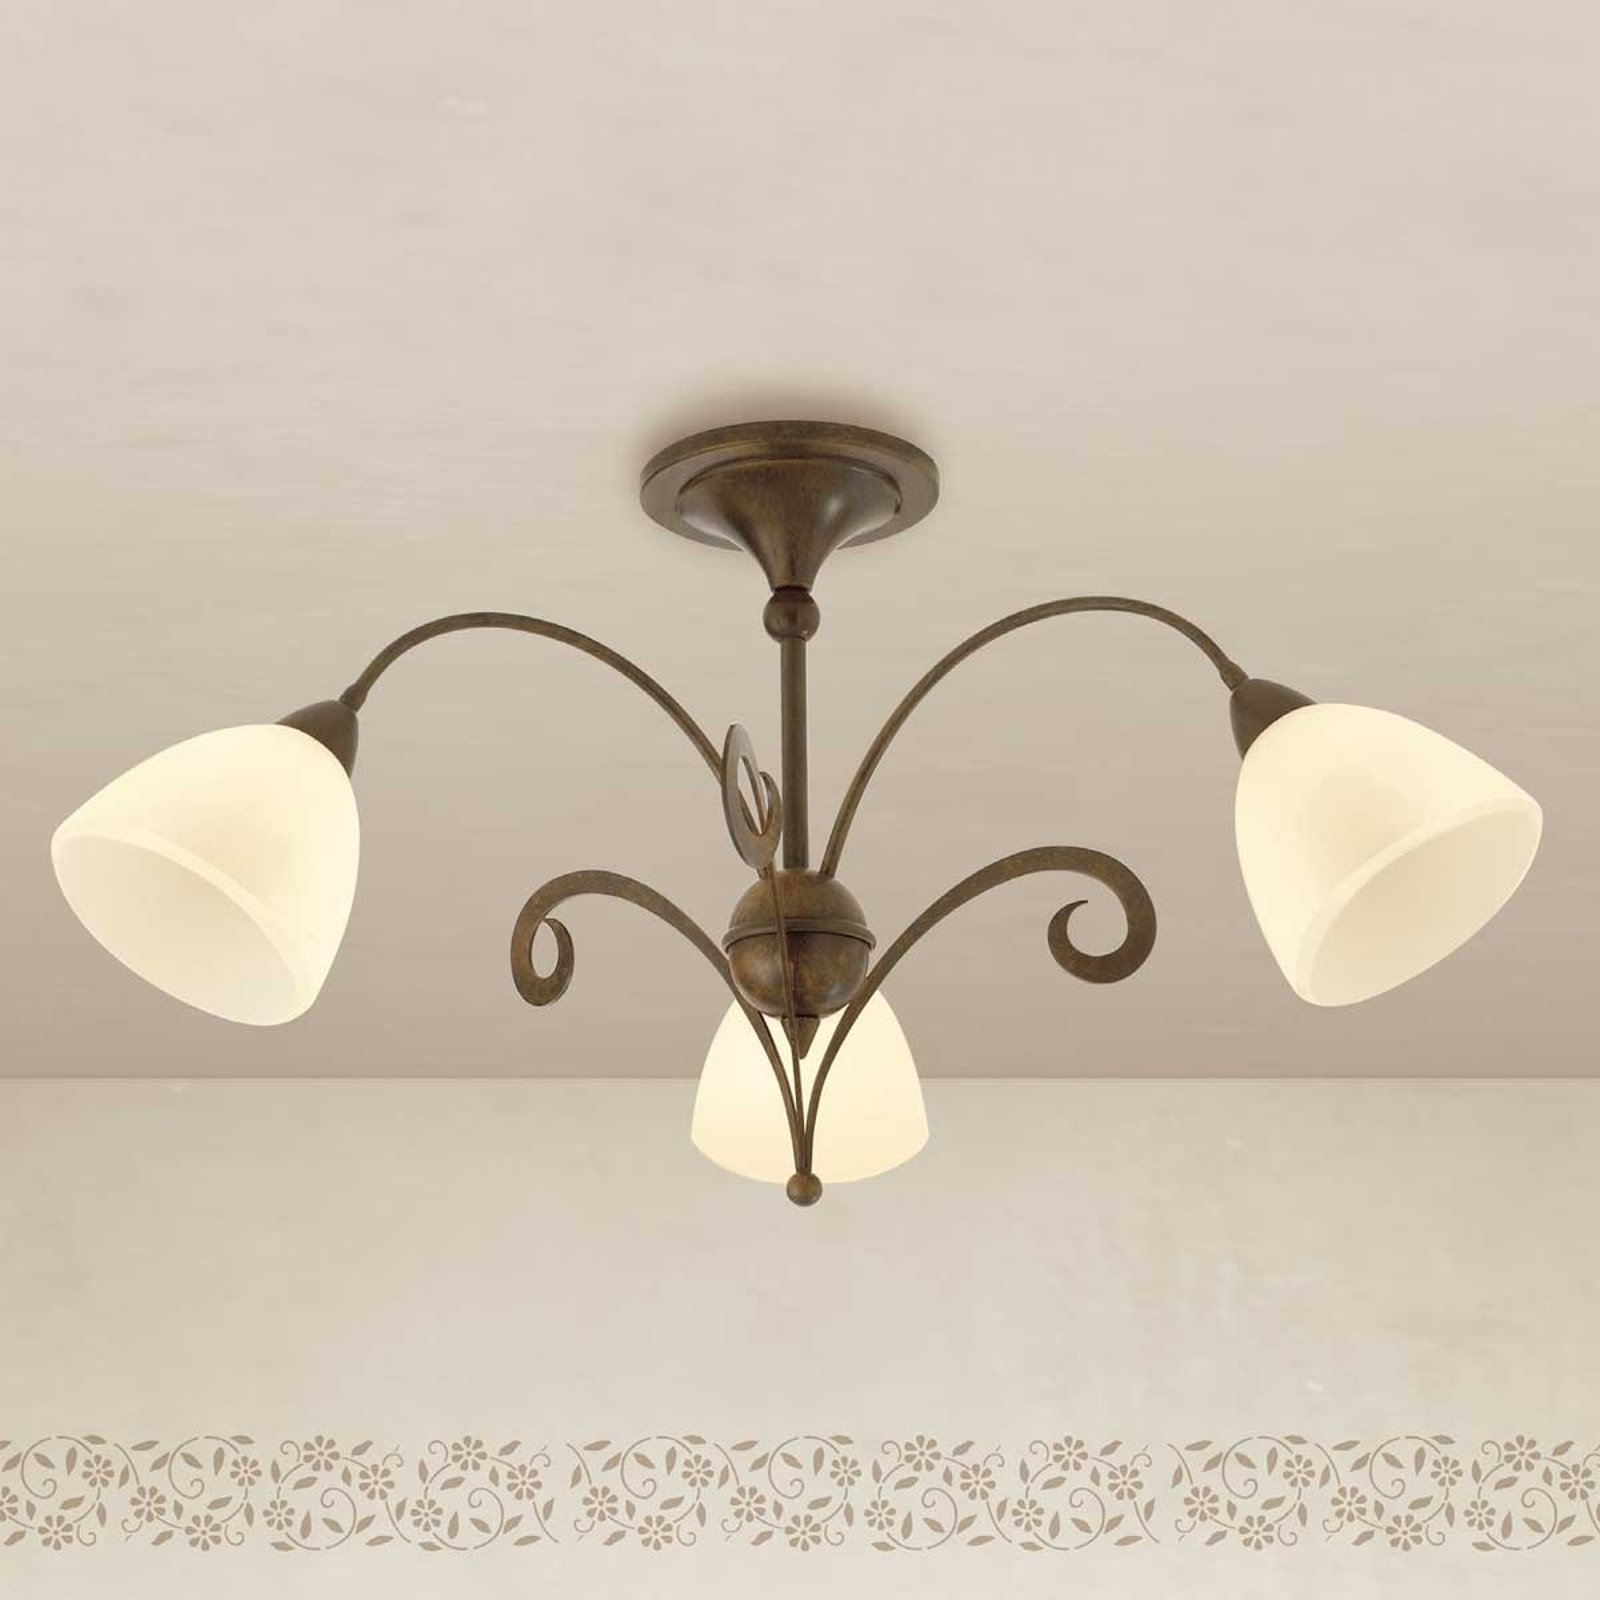 Rustikk taklampe Luca, 3 lys